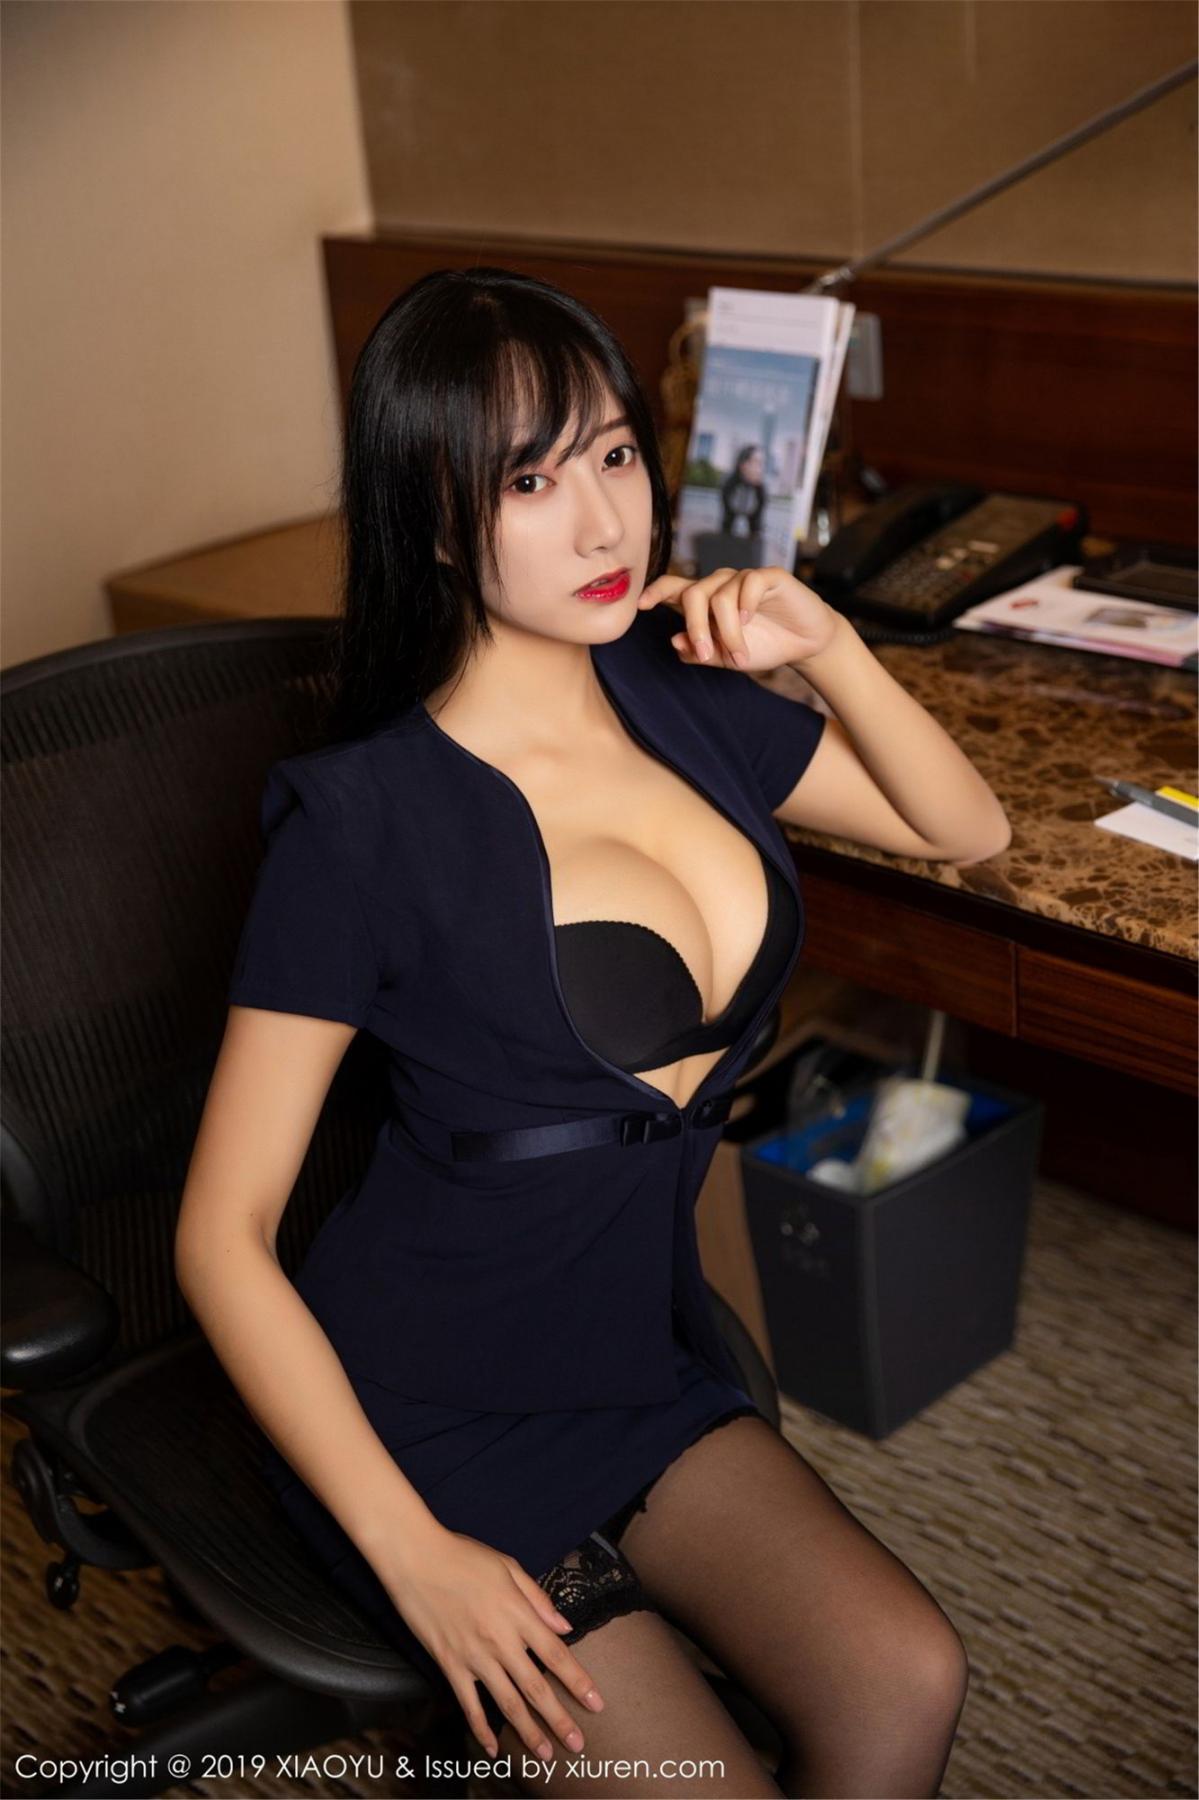 [XiaoYu] Vol.068 He Jia Ying 15P, Black Silk, He Jia Ying, Uniform, XiaoYu